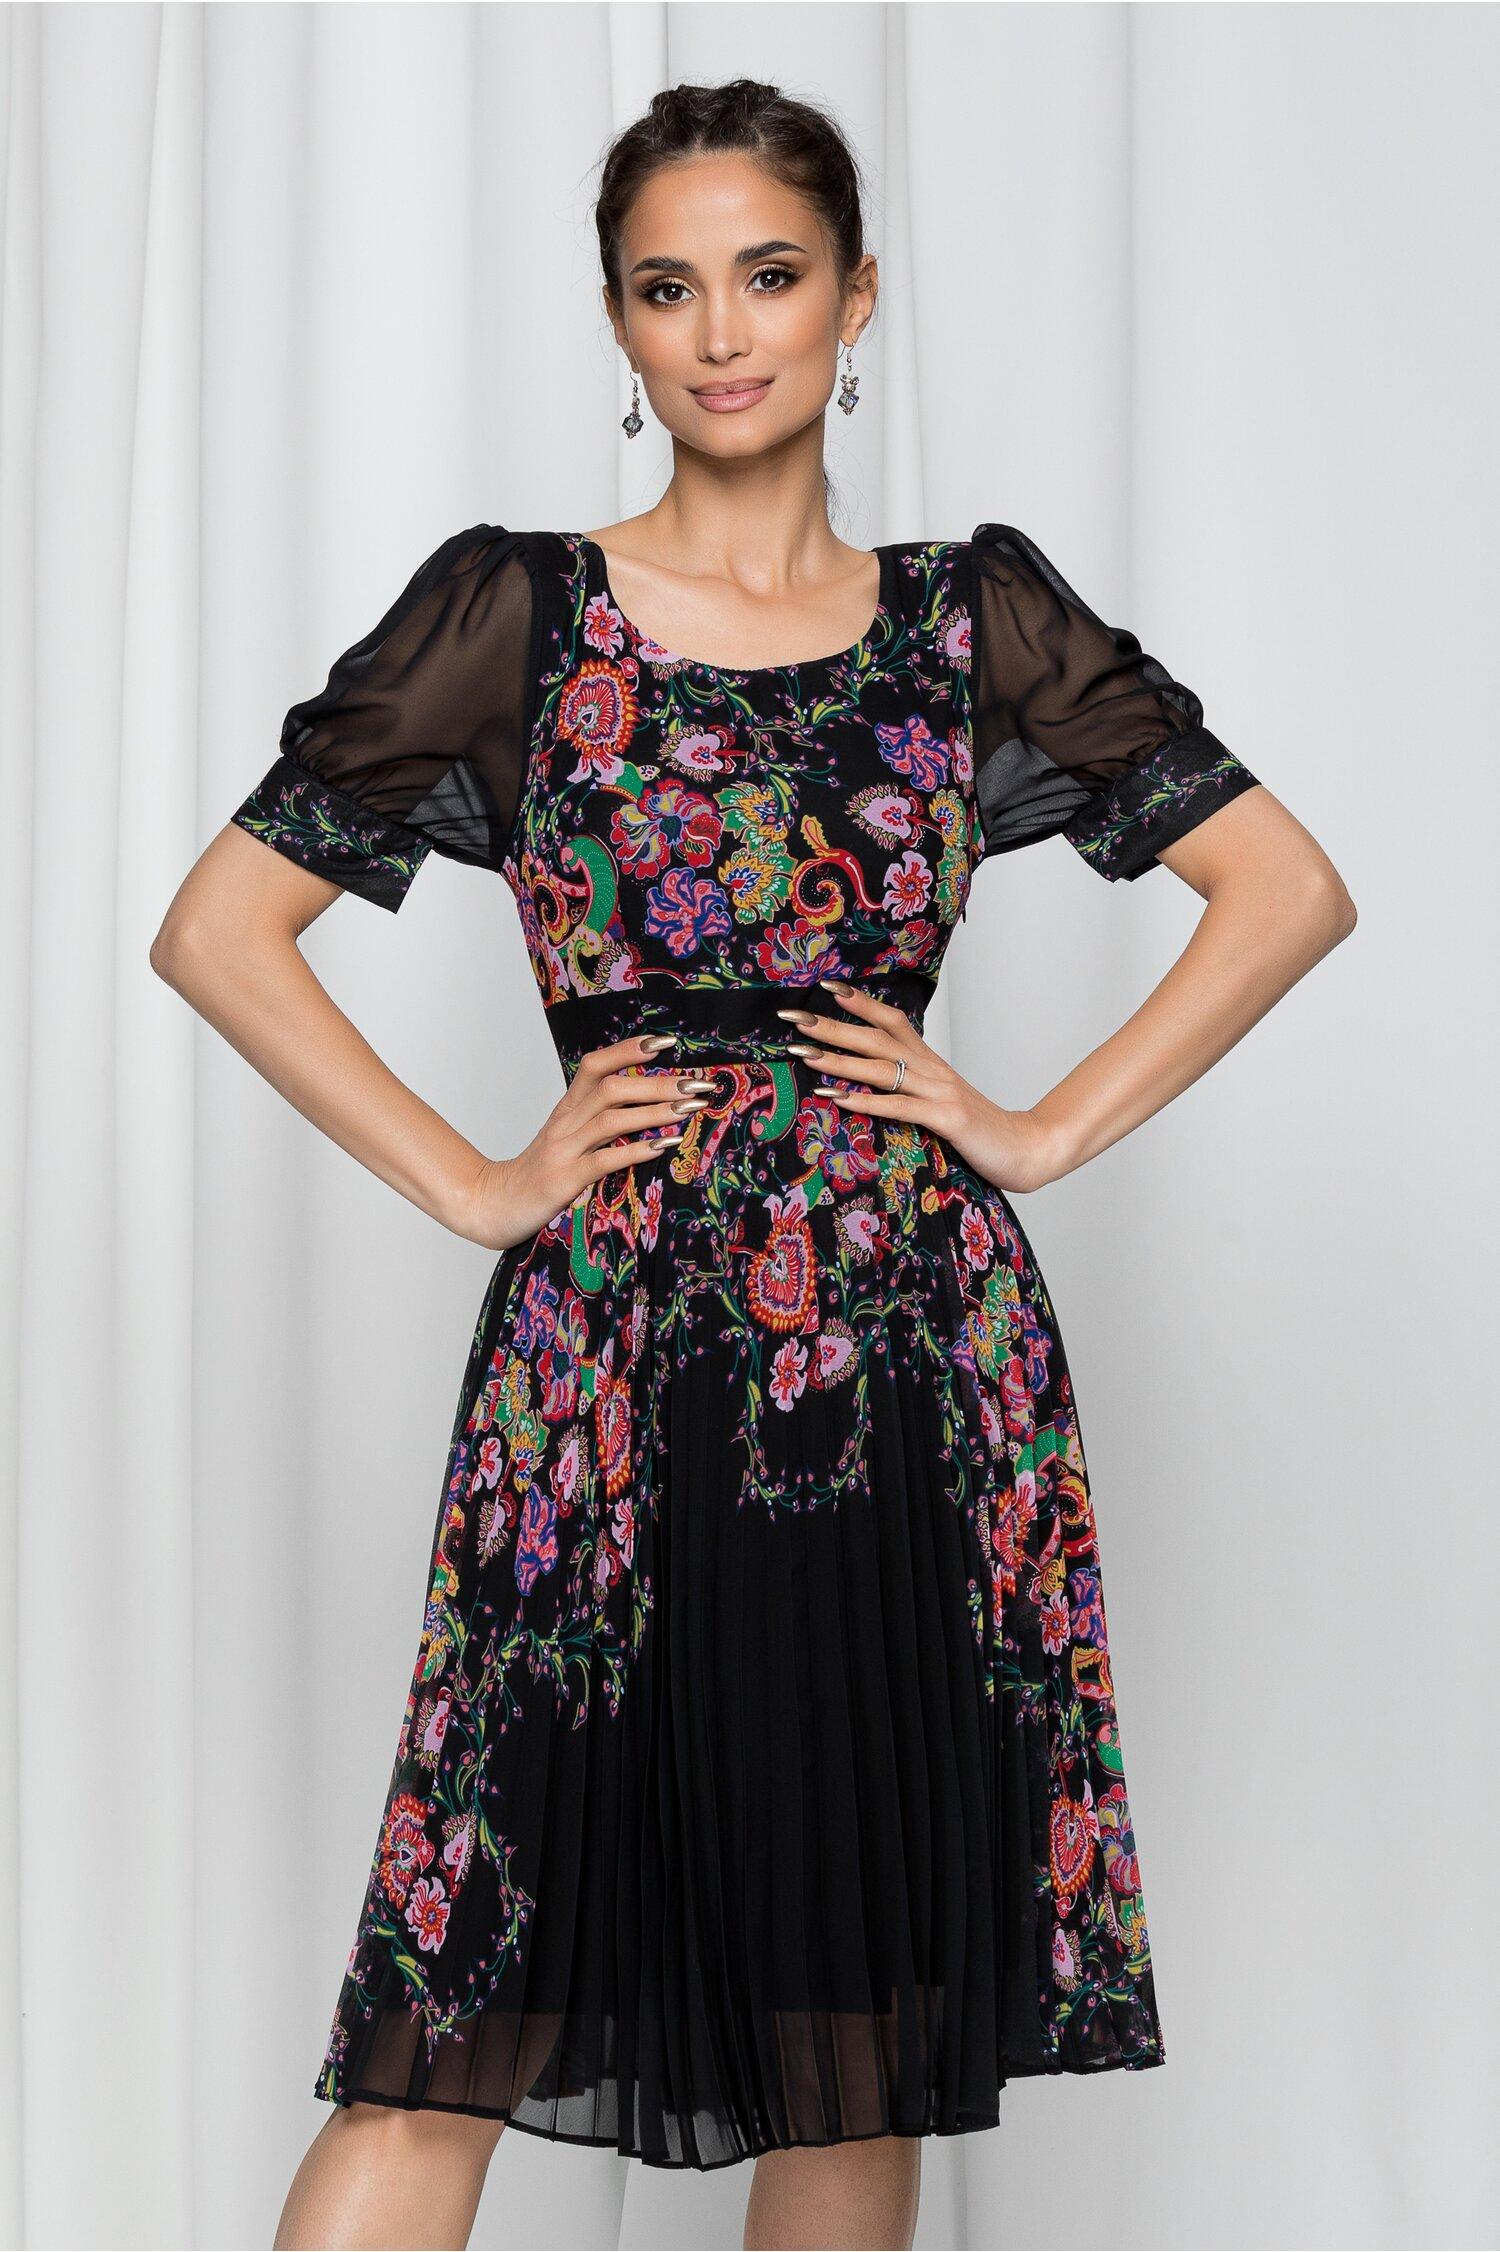 Rochie Jessica neagra cu imprimeu floral multicolor